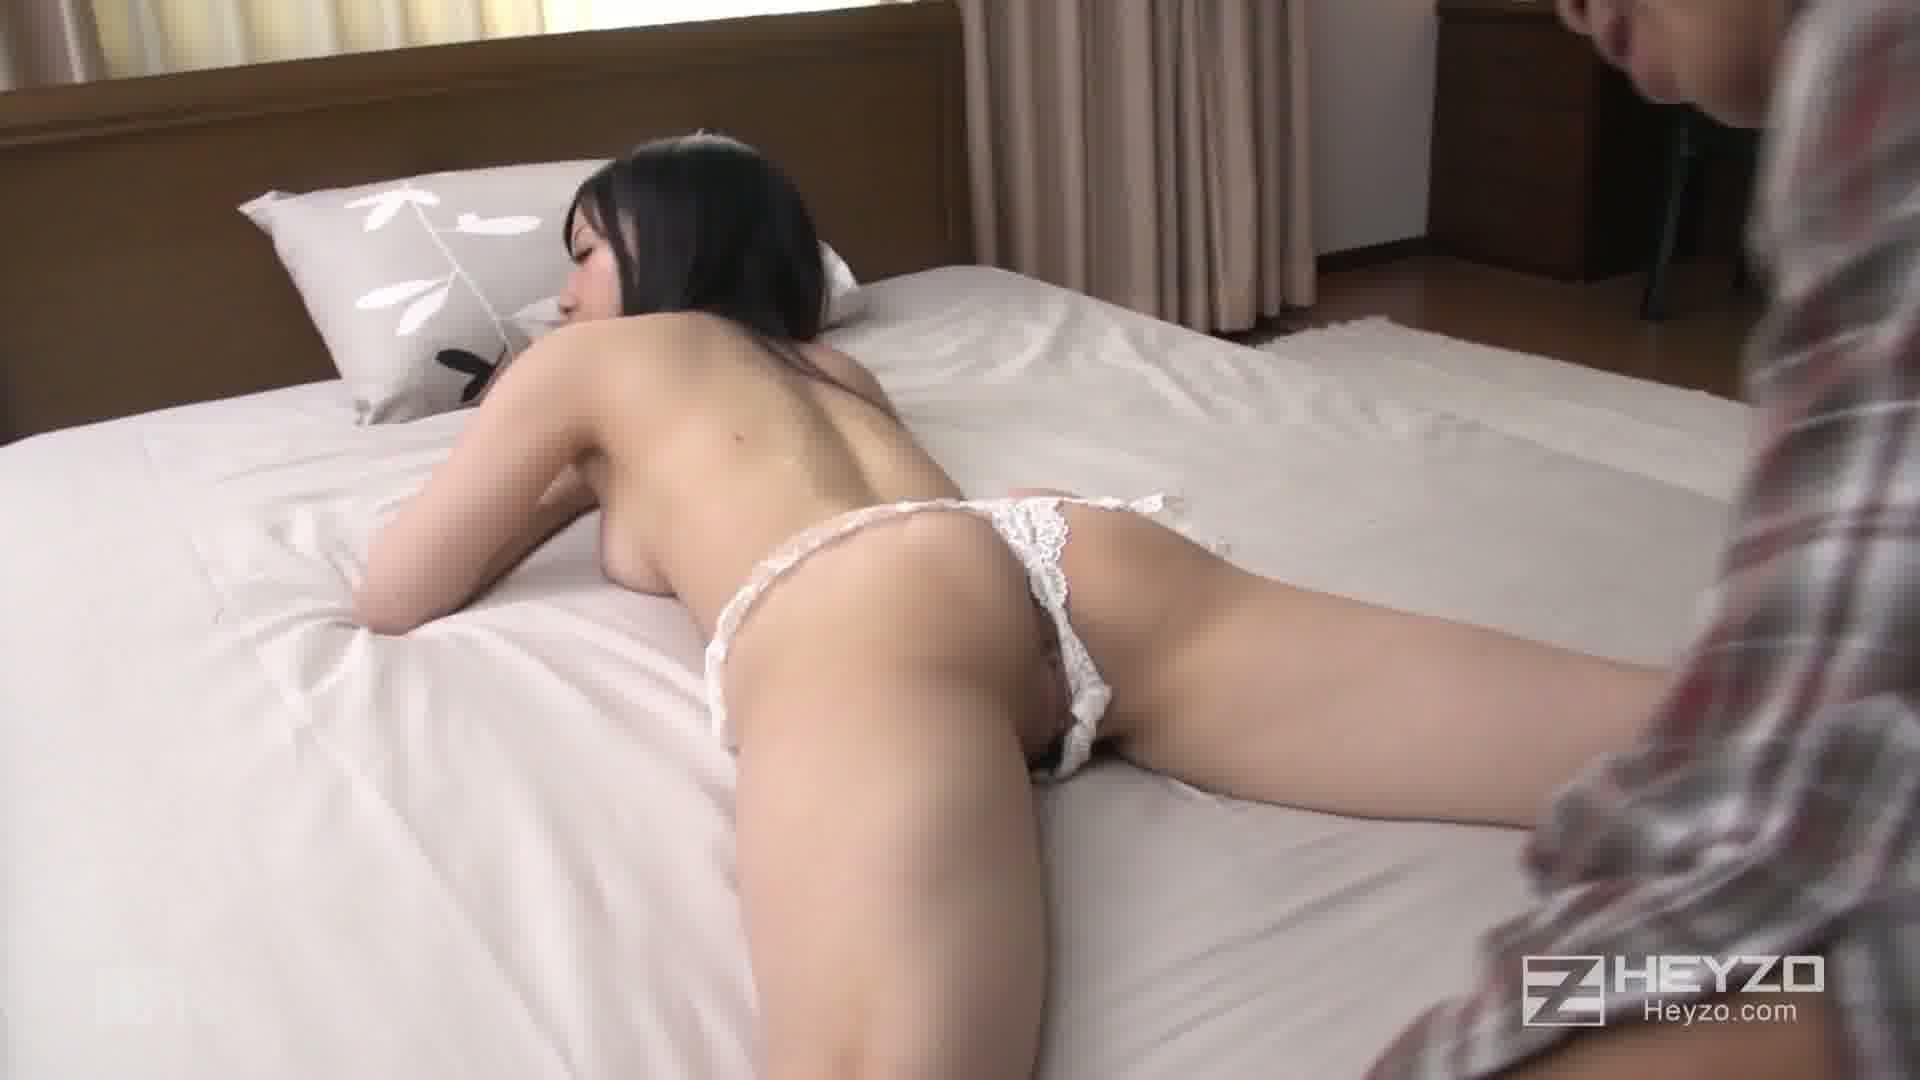 キセキノオッパイ - みなみ愛梨【指マン クンニ フェラ パイズリ 正常位】